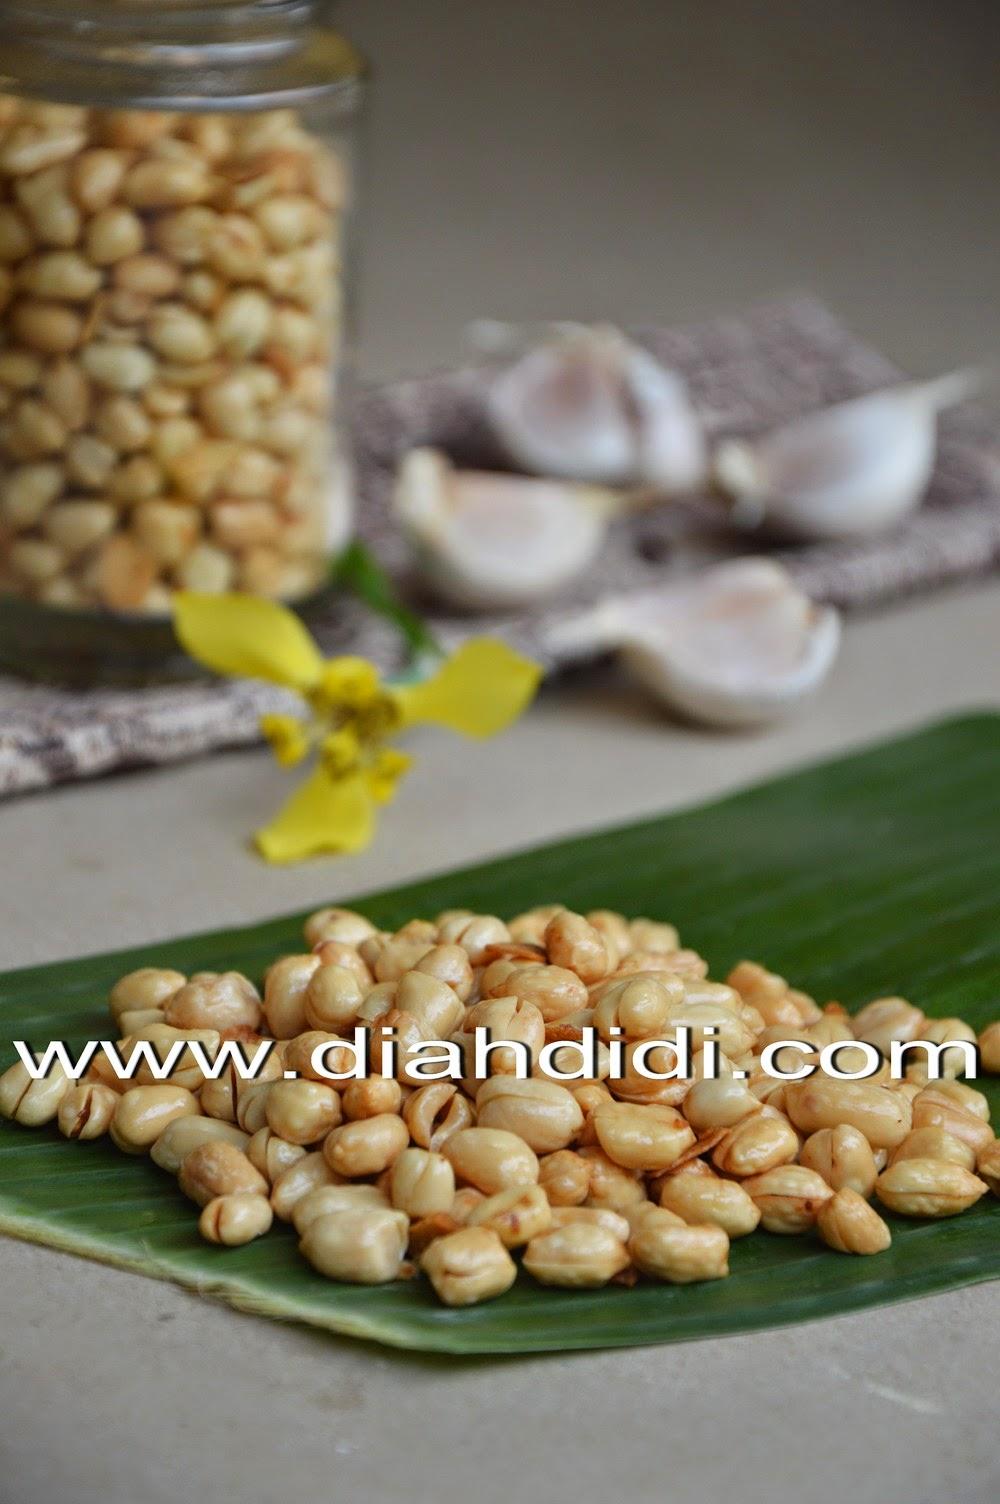 Tantan Kacang Mente Mentah 1 Kg4 Daftar Harga Terkini Terlengkap Produk Ukm Bumn Agro Mete Goreng Fried Cashew Nuts Jika Warna Sudah Keemasansegera Angkat Karena Proses Pematangan Masih Akan Terus